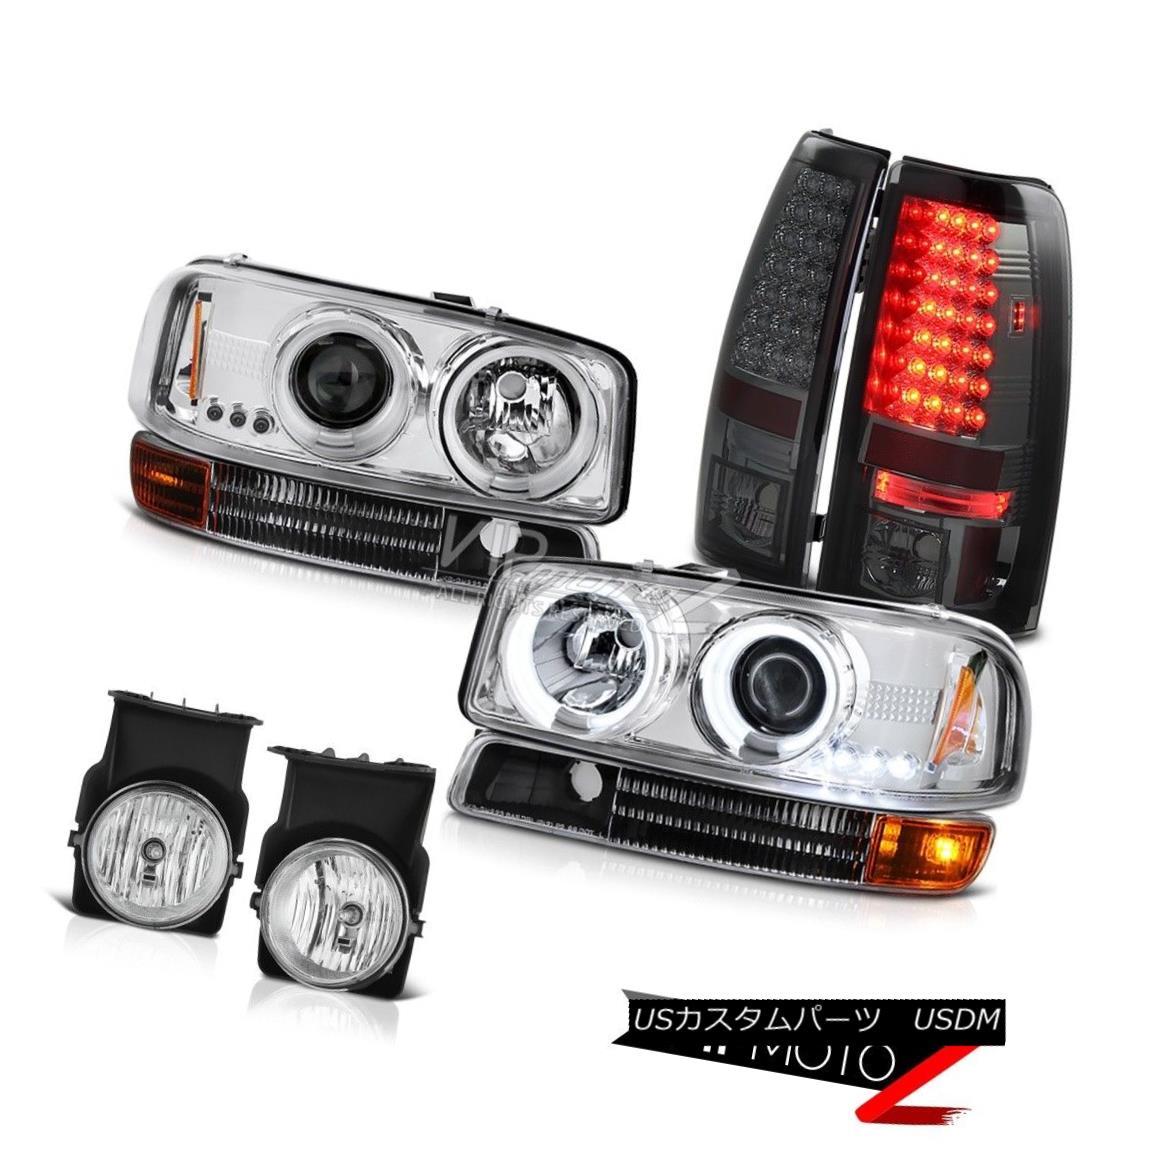 ヘッドライト CCFL Halo Headlamp Signal Bumper Smoked LED SMD Tail Lights Fog 2003 Sierra Z71 CCFL Haloヘッドランプ信号バンパースモークLED SMDテールライトフォグ2003 Sierra Z71